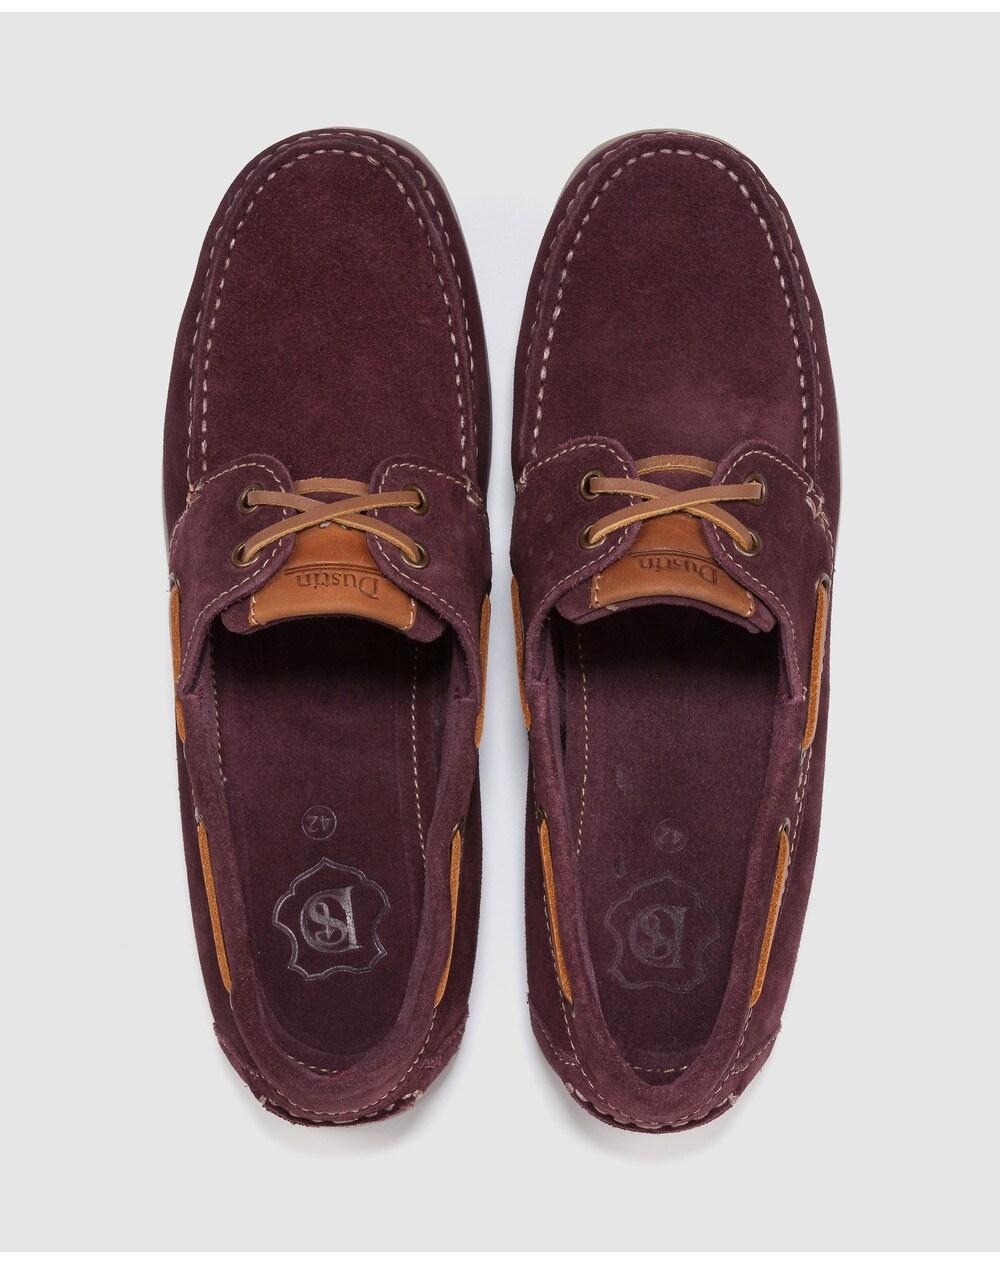 Chaussures-bateau-homme-Dustin-en-croute-de-cuir-grenat-A23924315